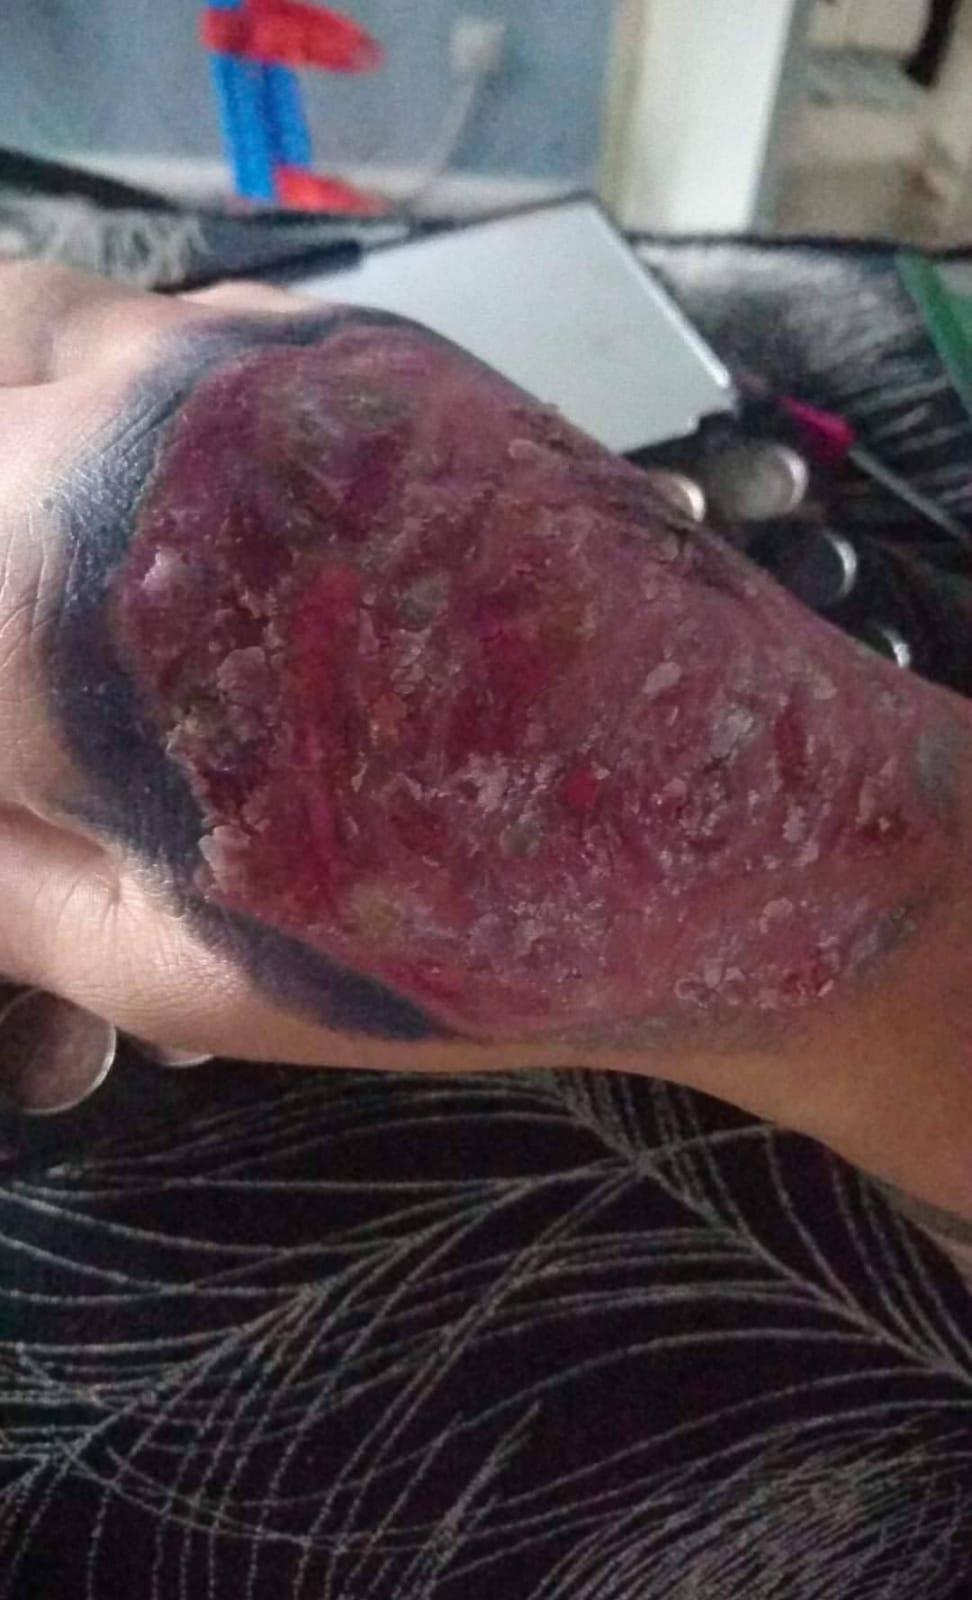 Wielka Brytania Zrobiła Tatuaż I Dostała Uczulenia Ból